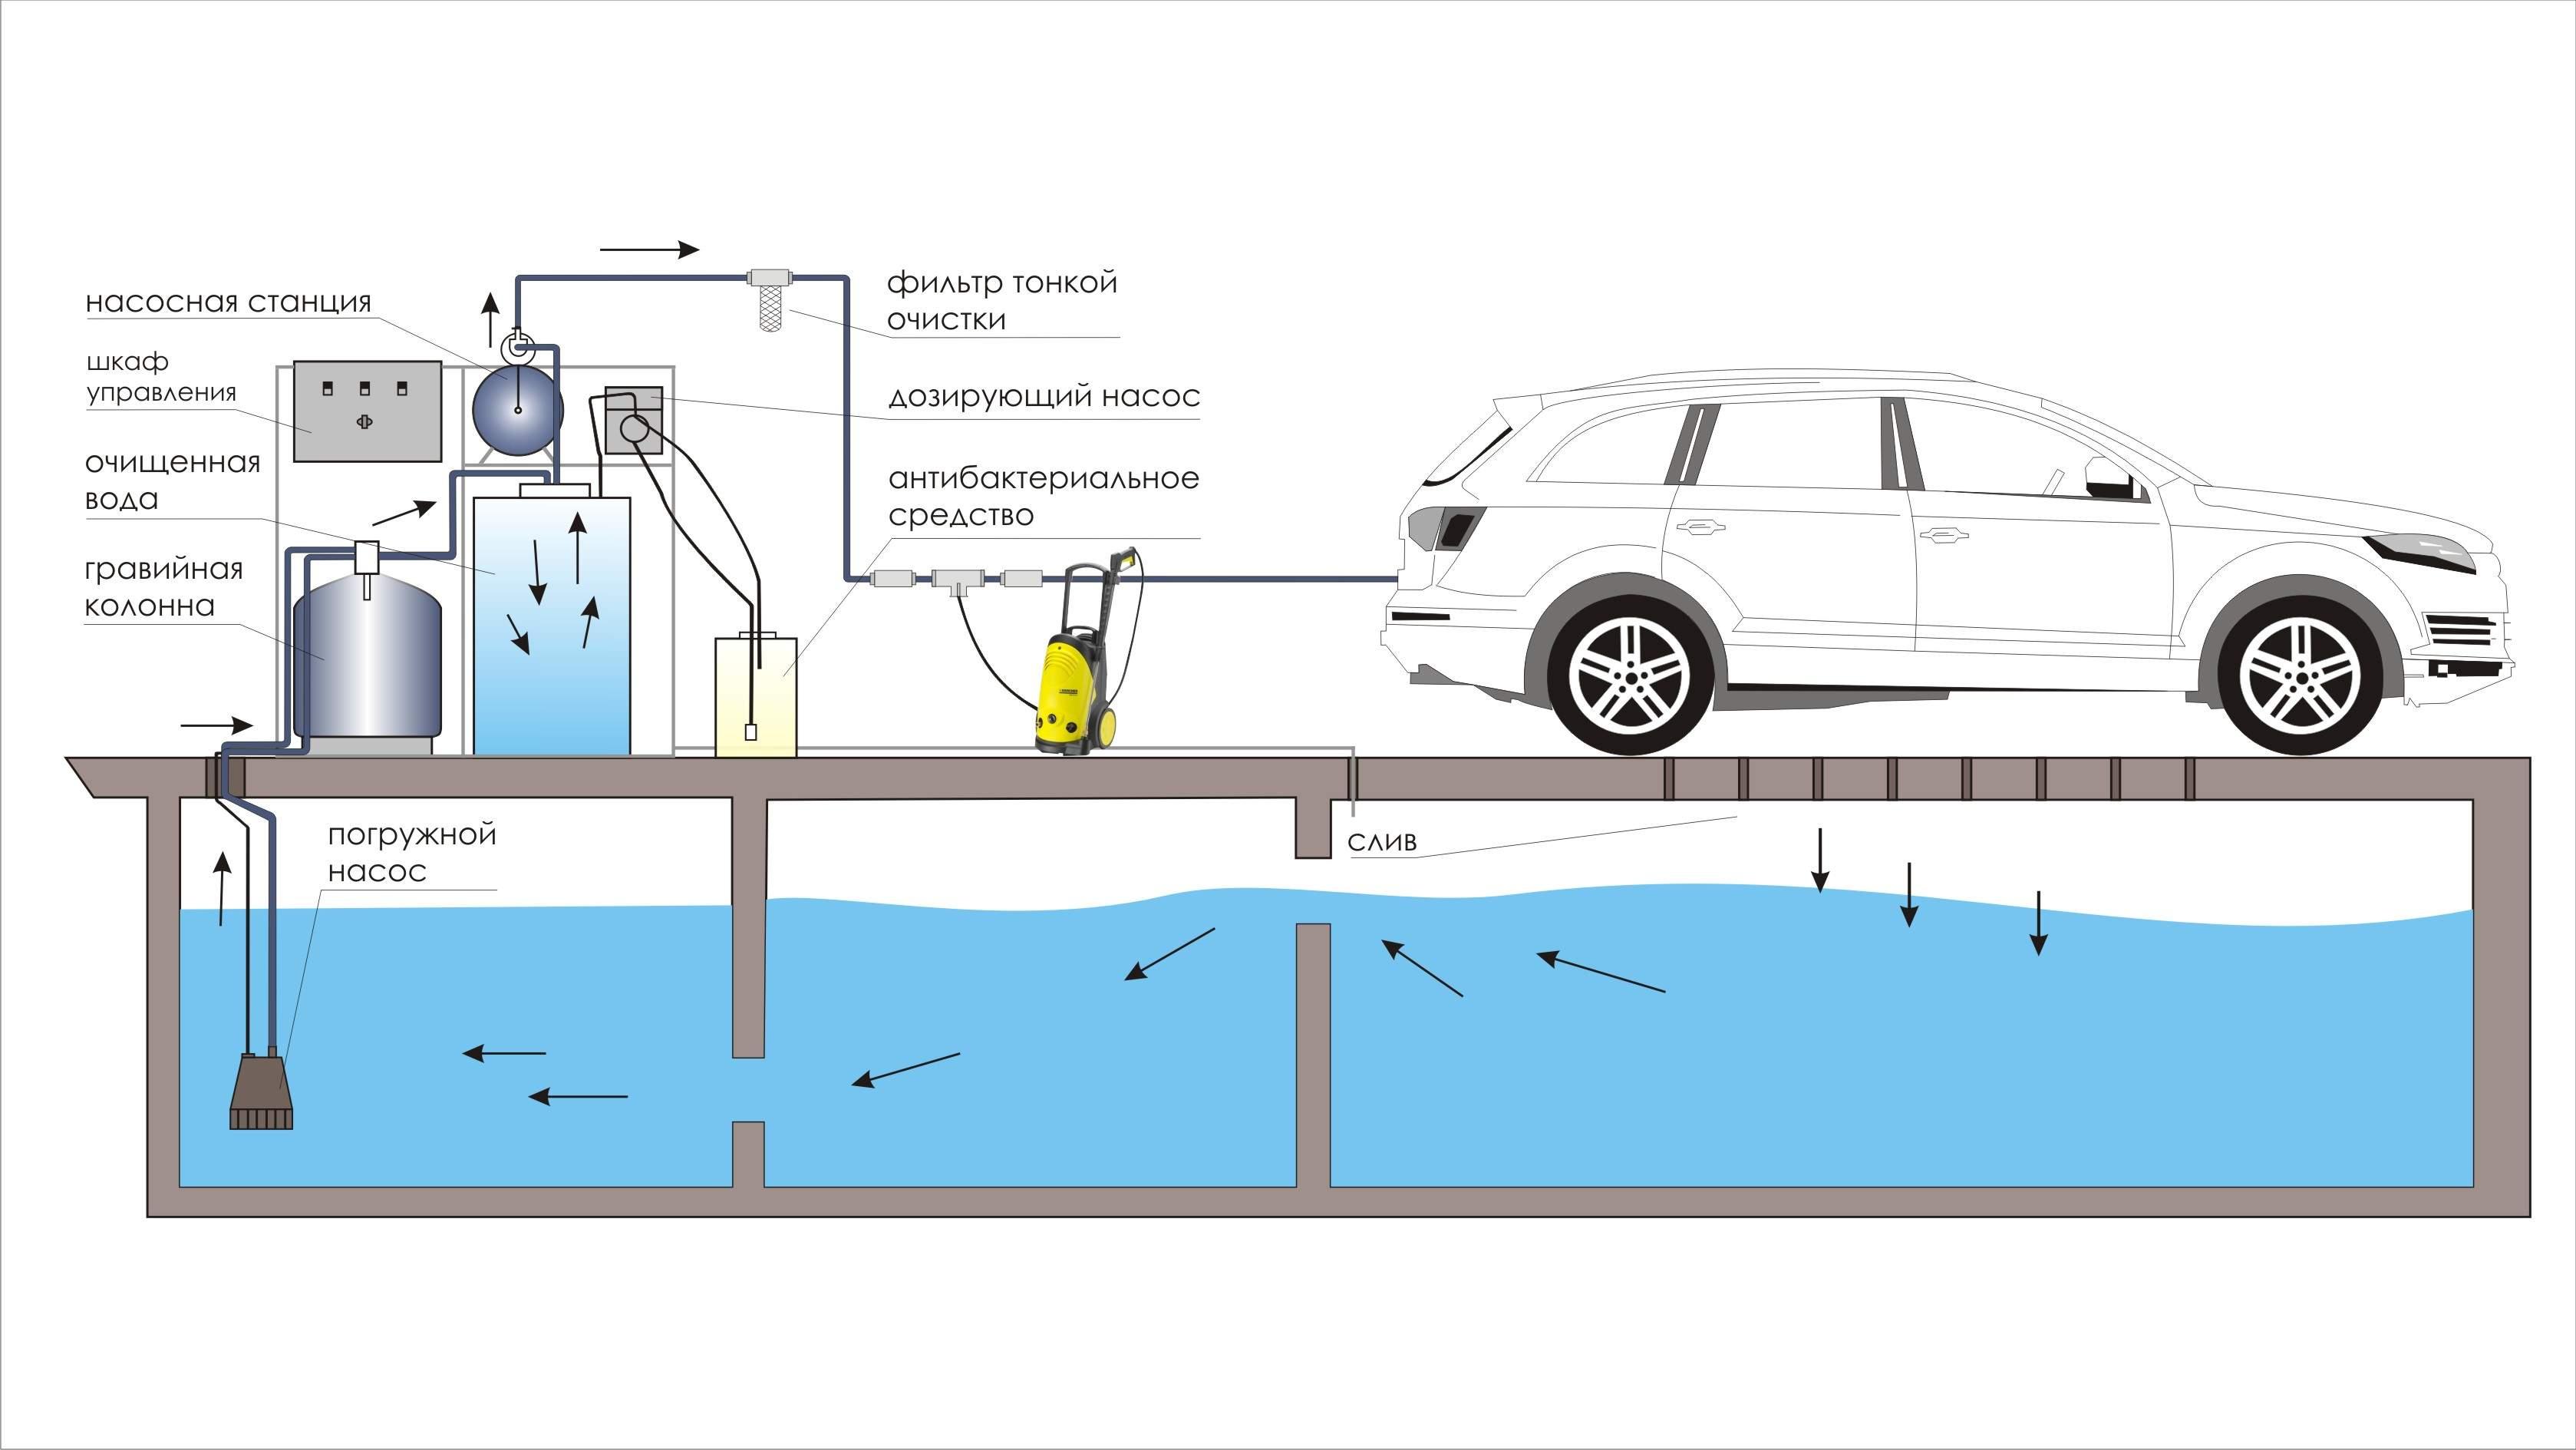 Автомойка система очистки воды своими руками